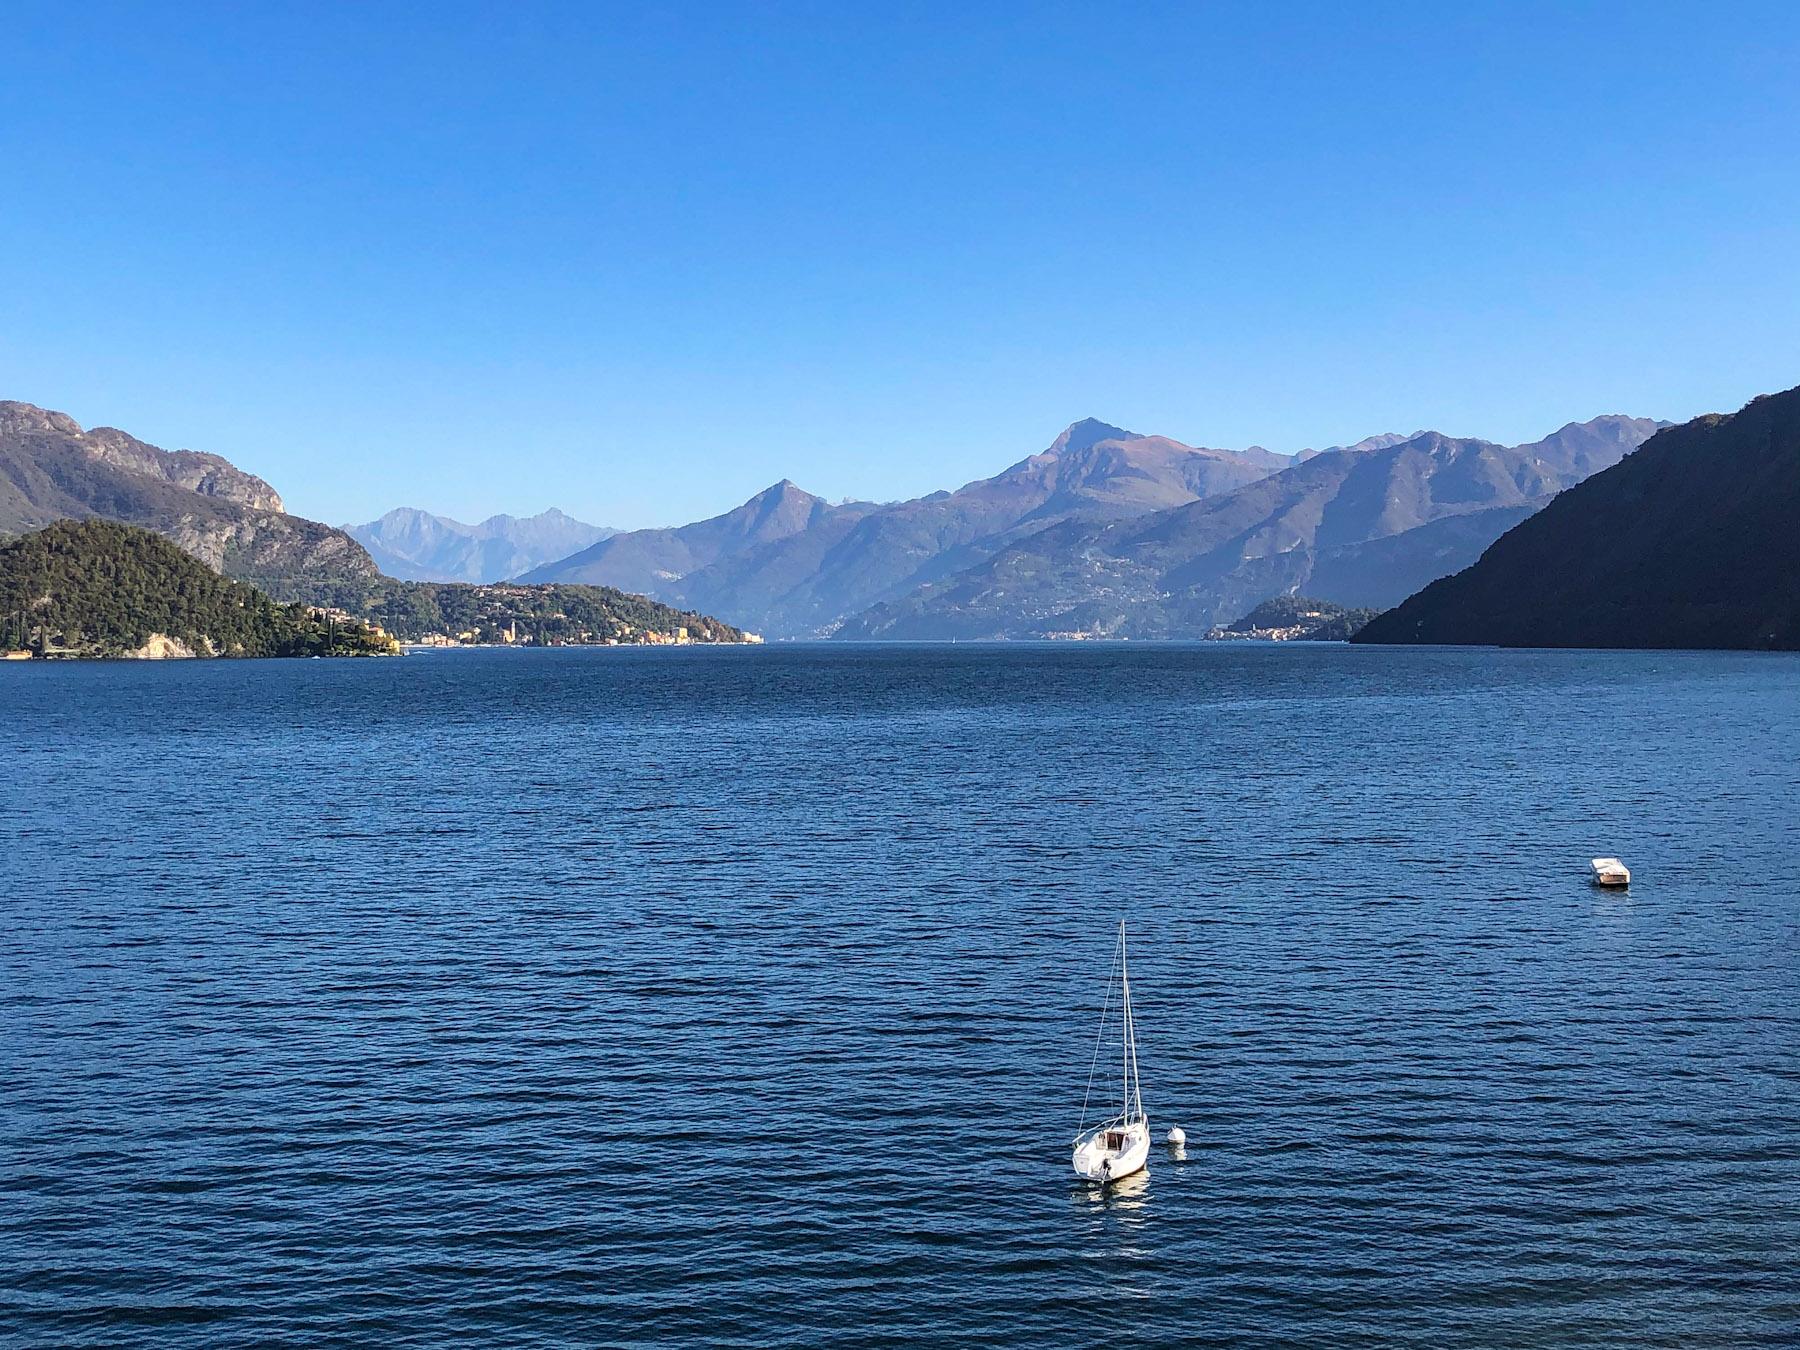 Monte Legnone, Lago di Como, Italy